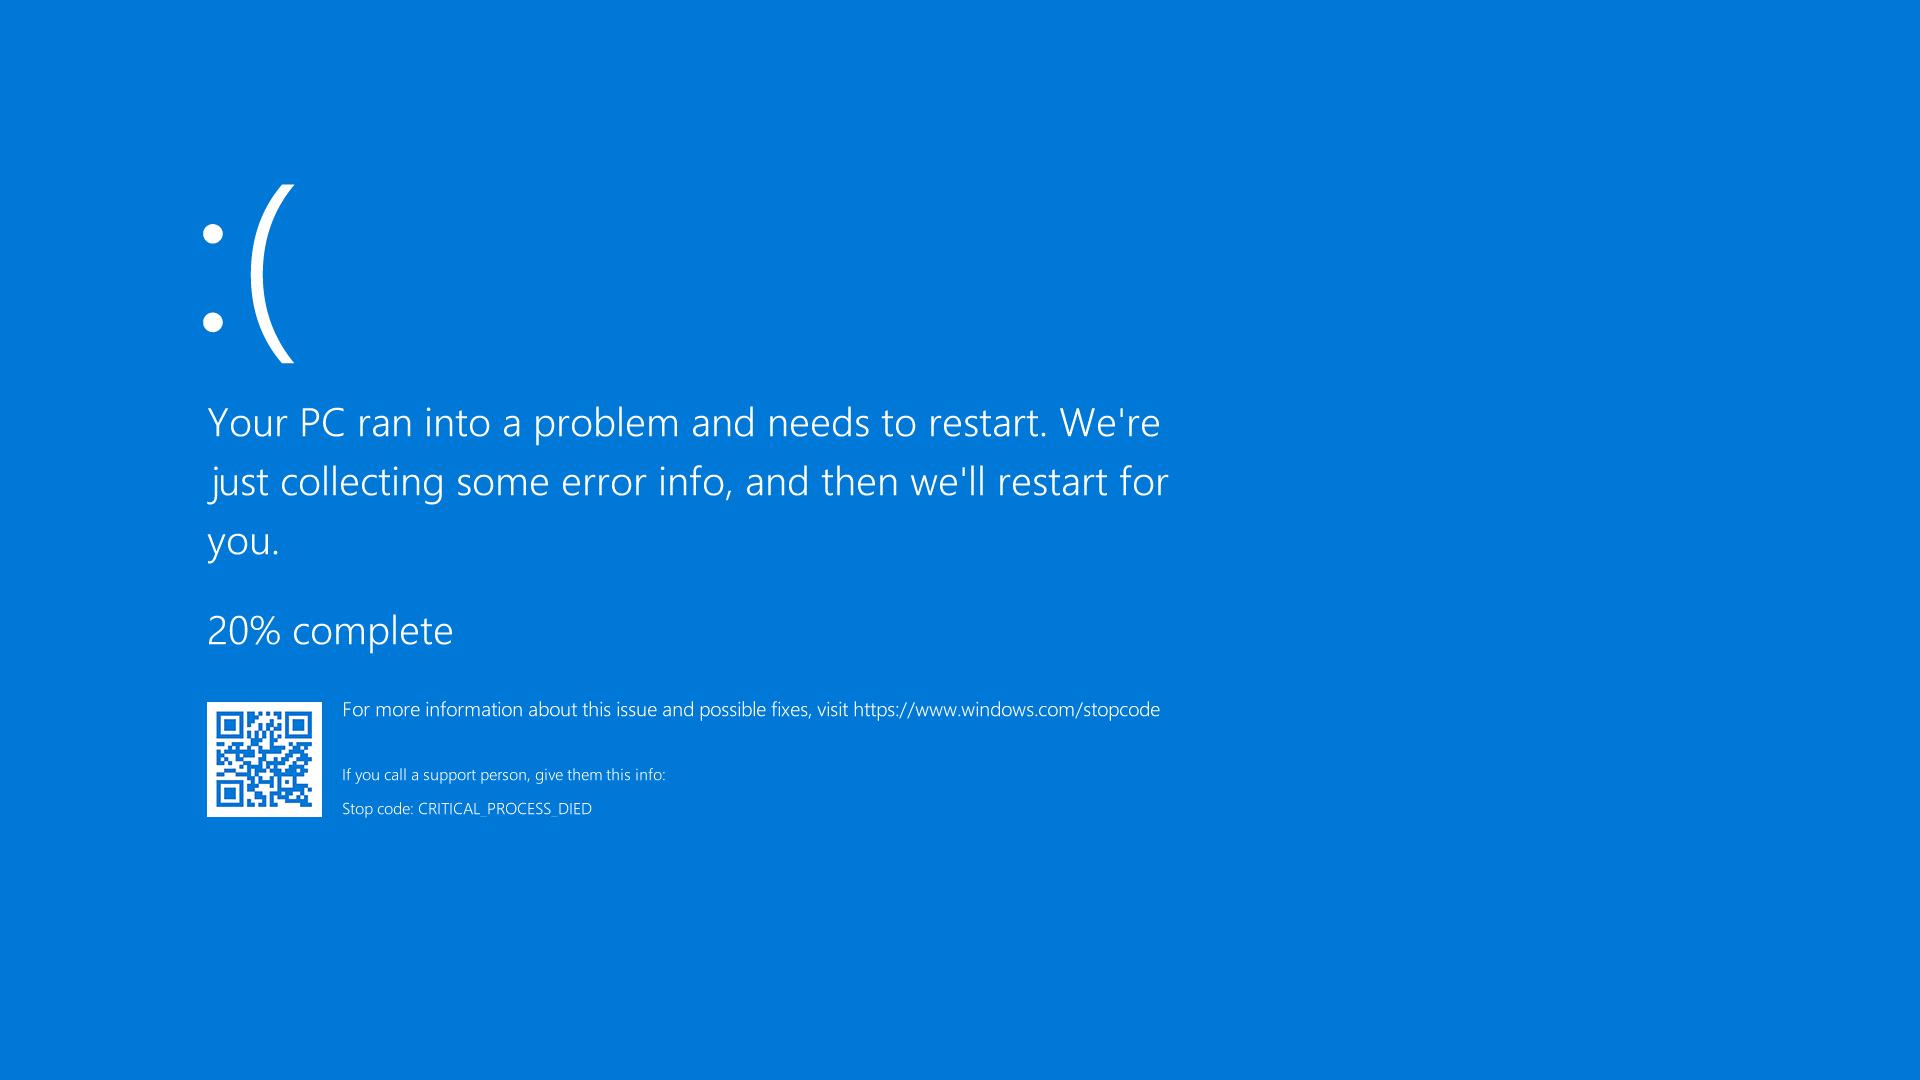 Blue screen of death en Windows 10. Fondo virtual gratuito para Zoom, Microsoft Teams, Skype, Google Meet, WebEx o cualquier otra aplicación compatible.